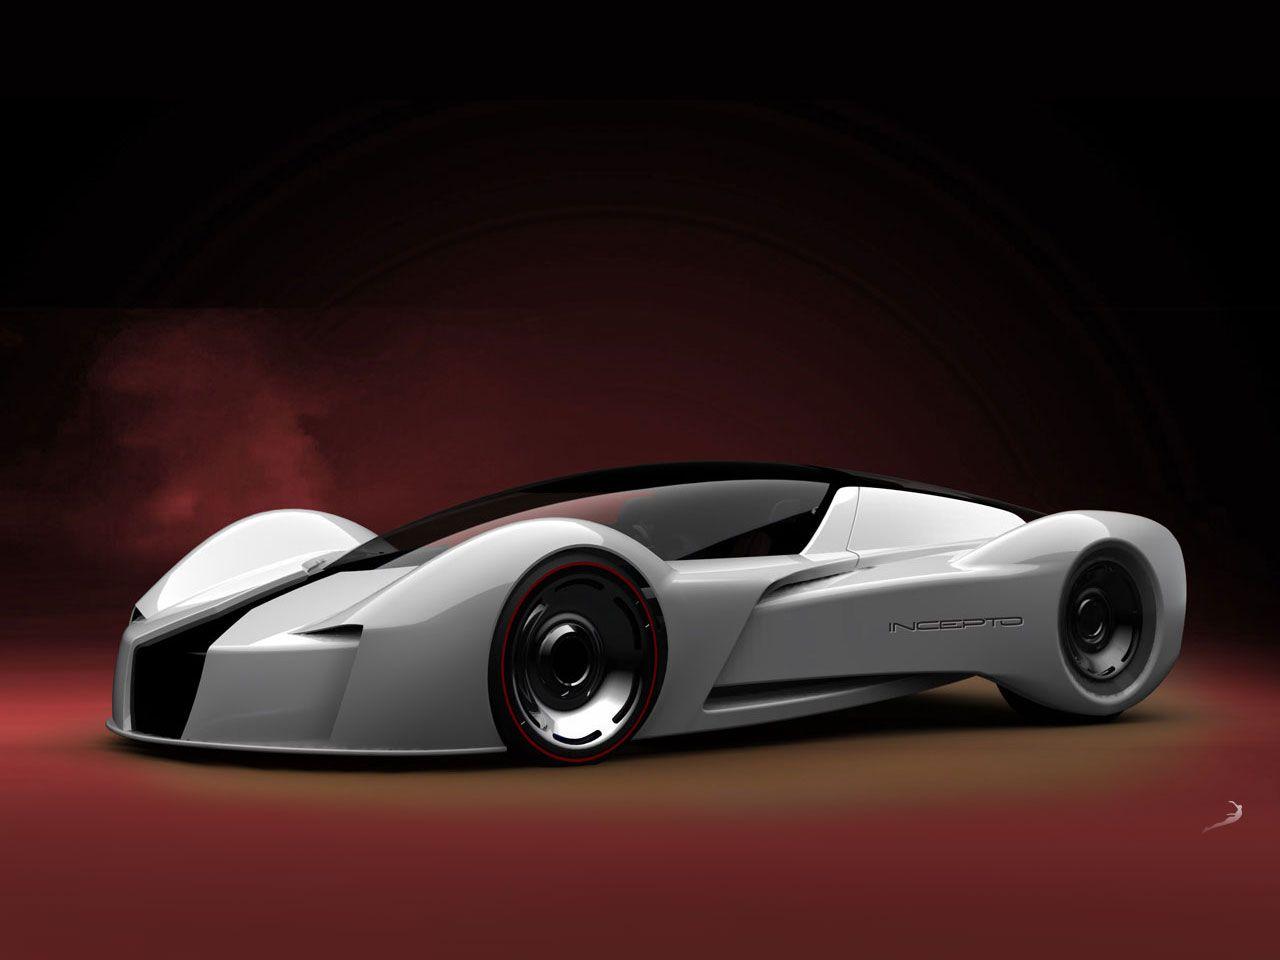 Incepto Concept Futuristic Design Sports Car5 Jpg 1280 960 Future Concept Cars Futuristic Cars Concept Cars